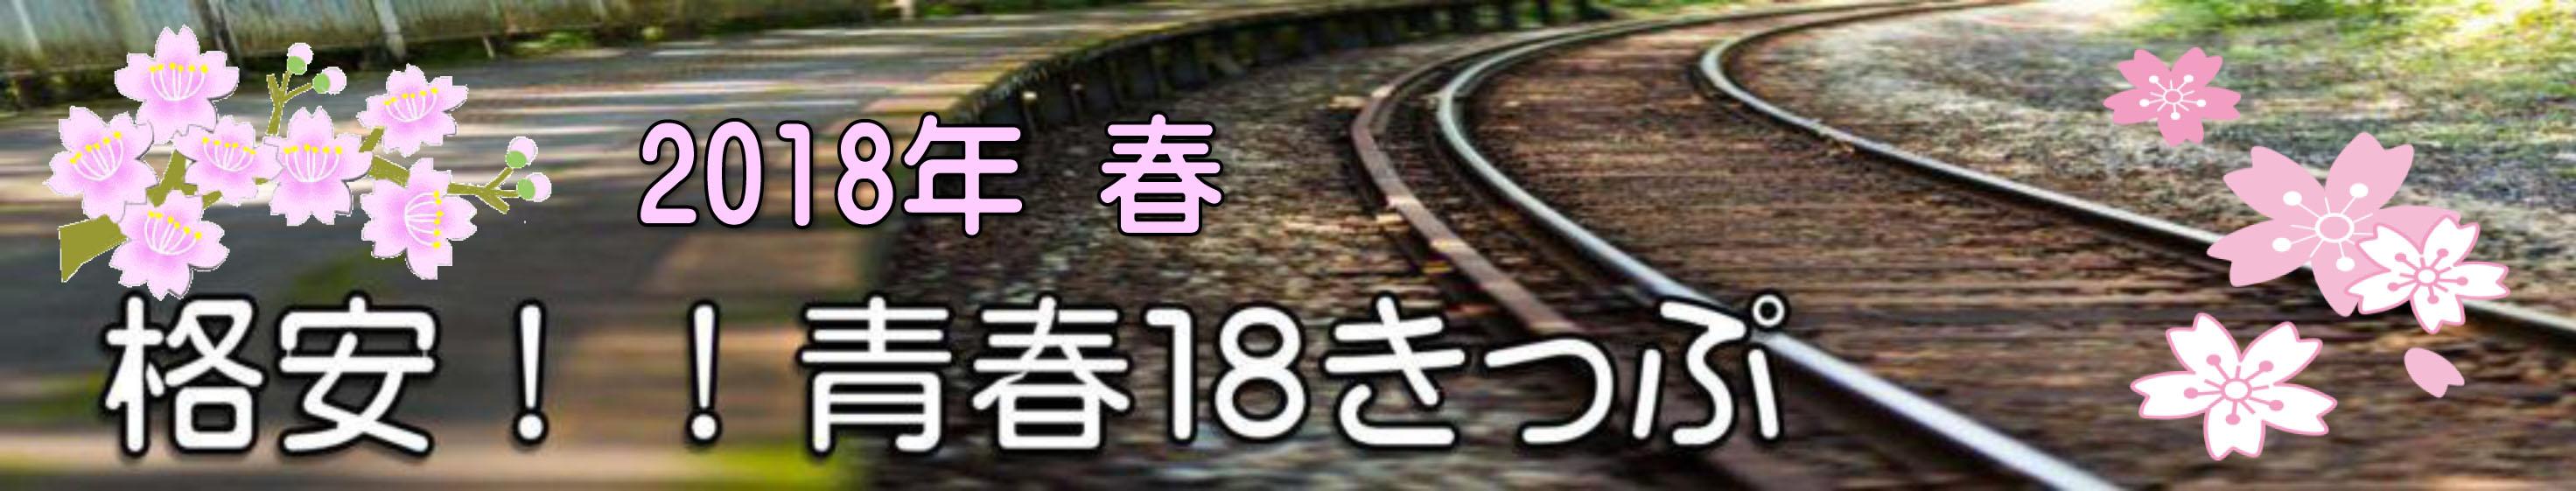 豊橋金券ショップフリーチケット 2018年春の18きっぷ